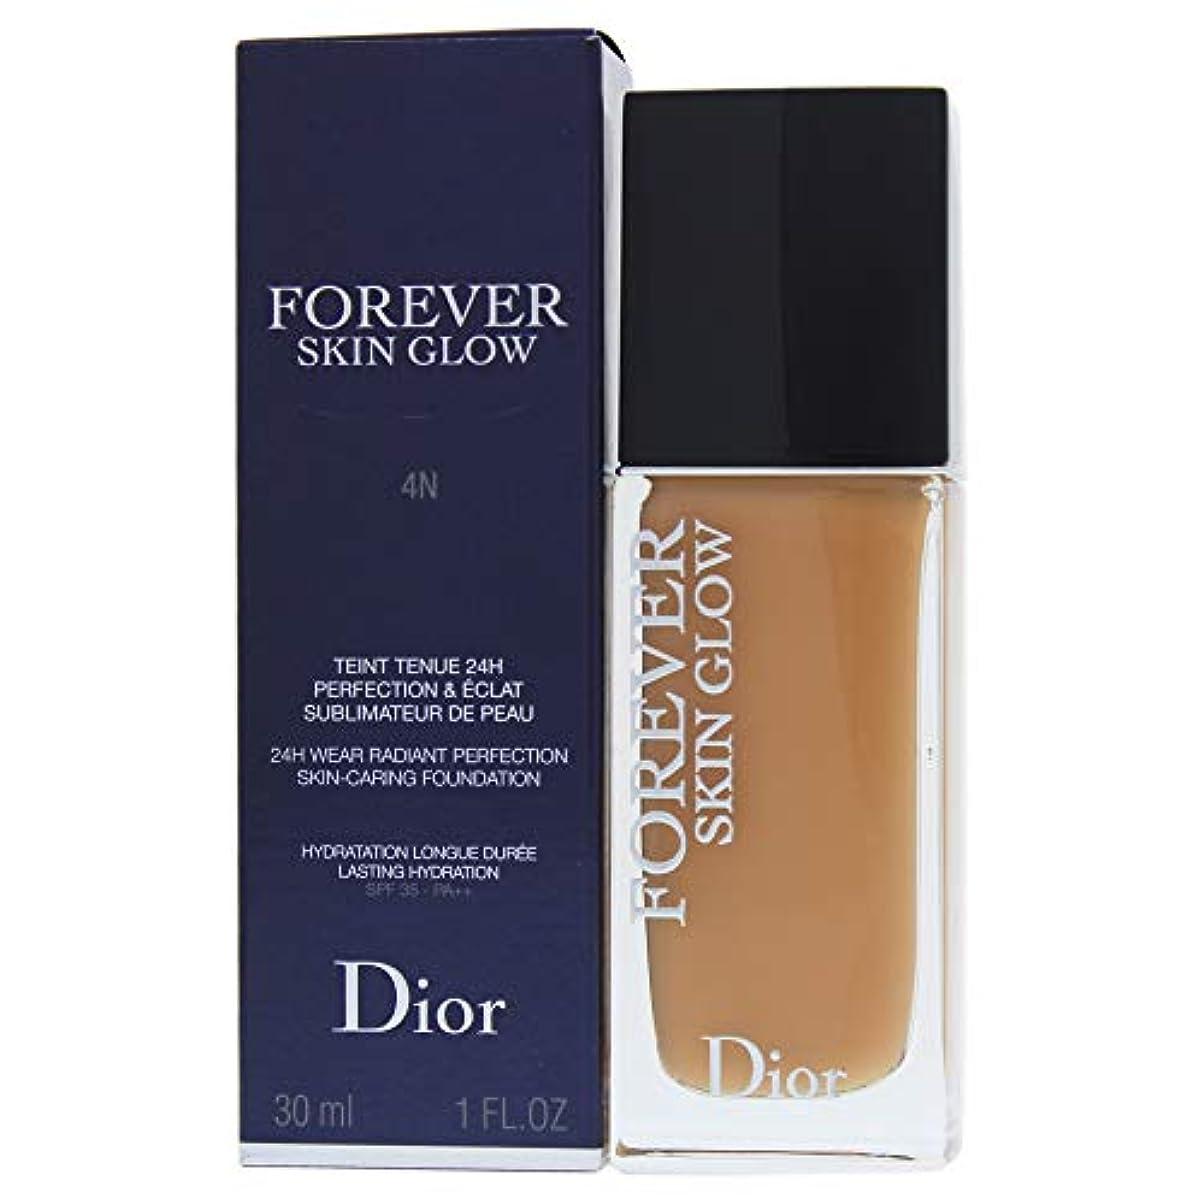 アンケート細いパーツクリスチャンディオール Dior Forever Skin Glow 24H Wear High Perfection Foundation SPF 35 - # 4N (Neutral) 30ml/1oz並行輸入品